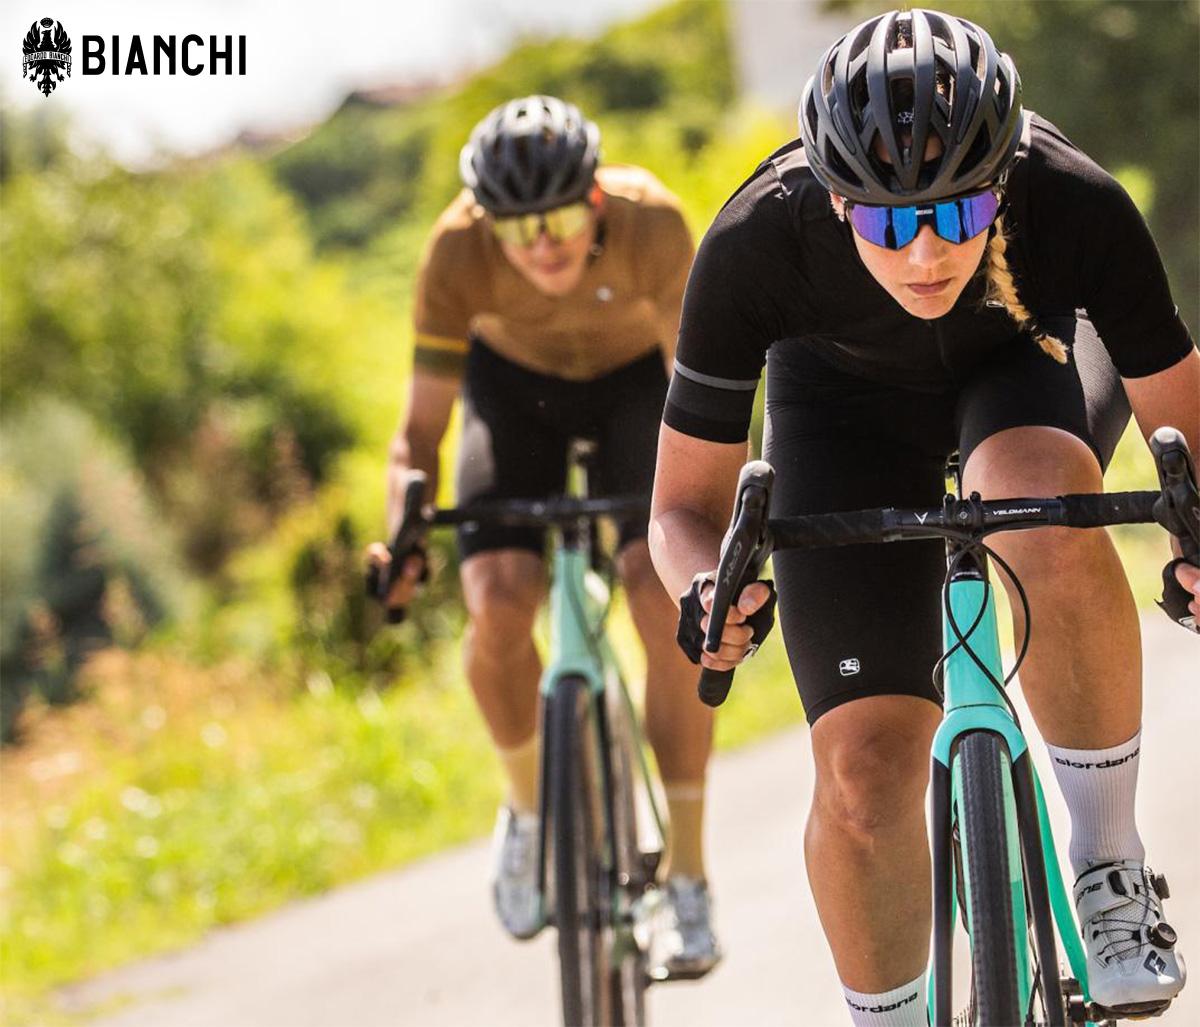 Una ciclista pedala sulla nuova bici da gravel Bianchi Impulso Pro 2022